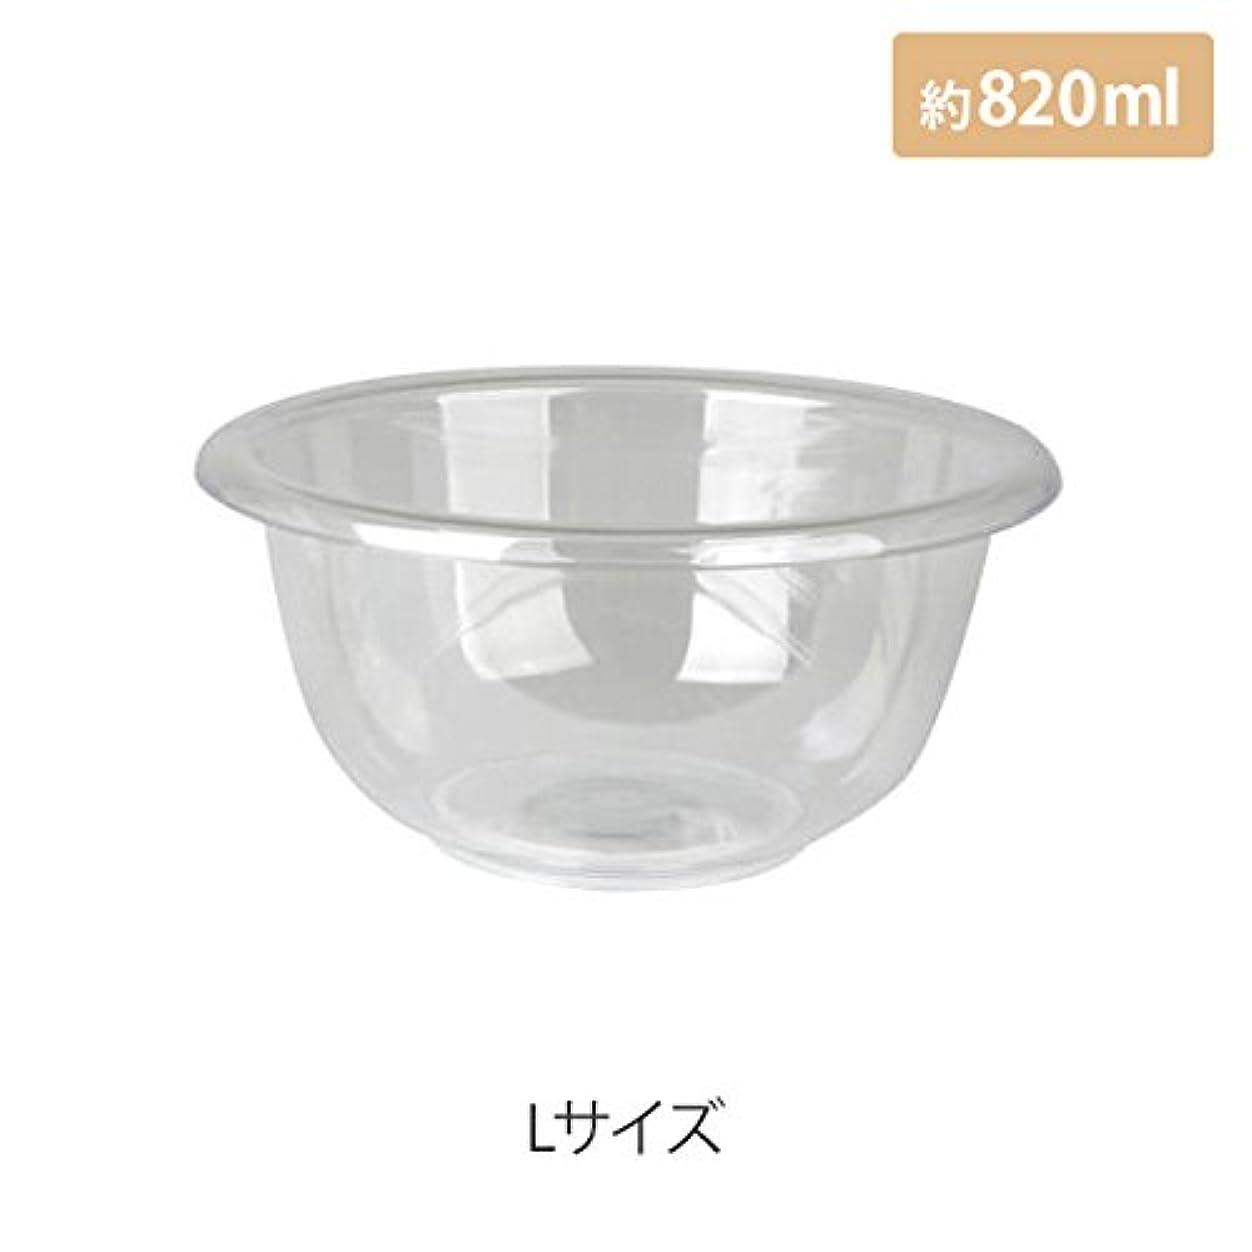 匿名カポックよりマイスター プラスティックボウル (Lサイズ) クリア 直径19.5cm [ プラスチックボール カップボウル カップボール エステ サロン プラスチック ボウル カップ 割れない ]